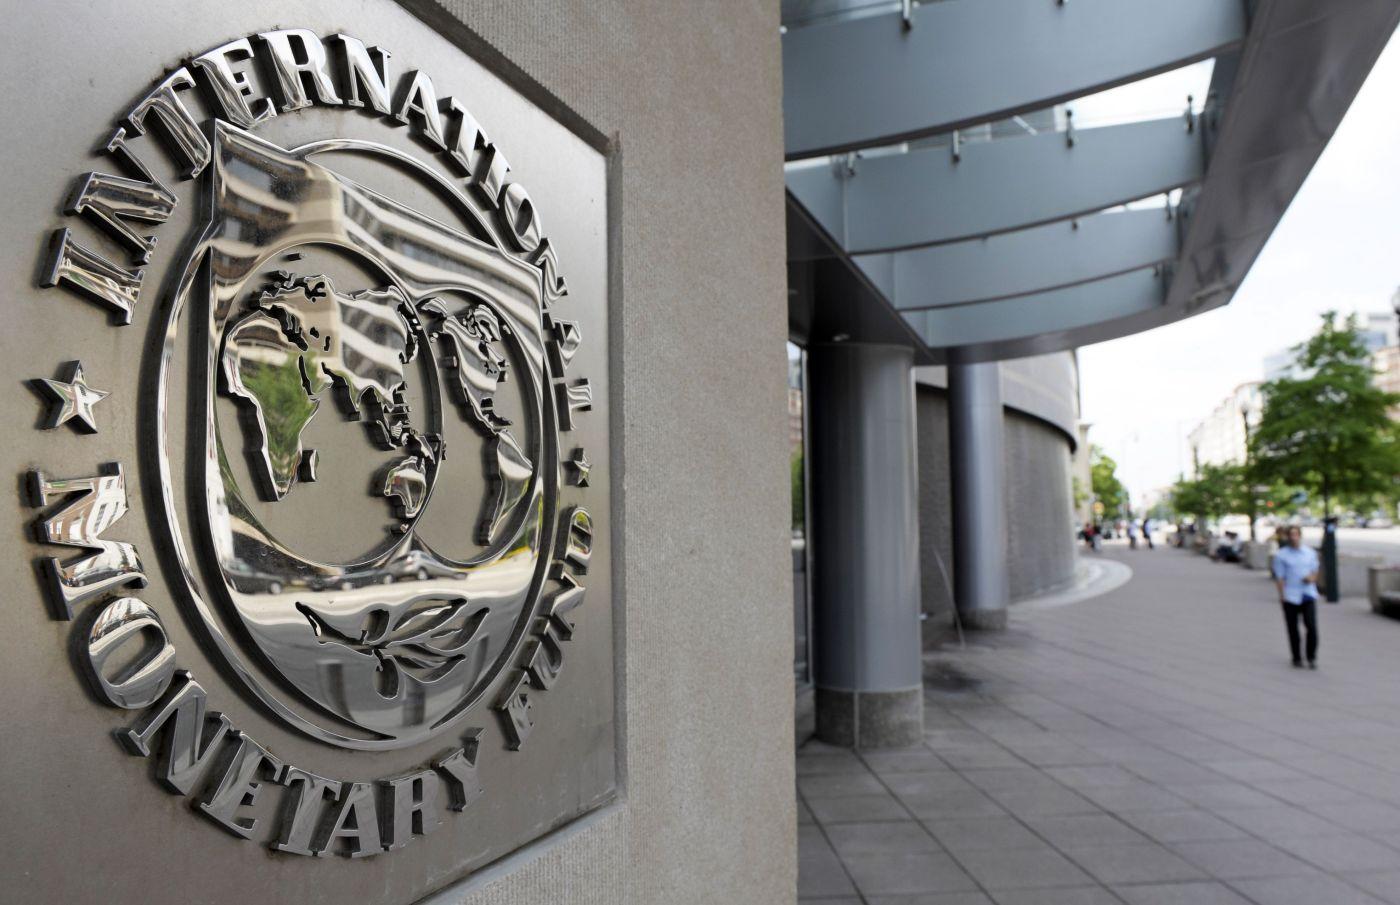 Vàng hưởng lợi khi IMF hạ triển vọng tăng trưởng toàn cầu, nhấn mạnh 'sự hồi phục mang tính phân kì'